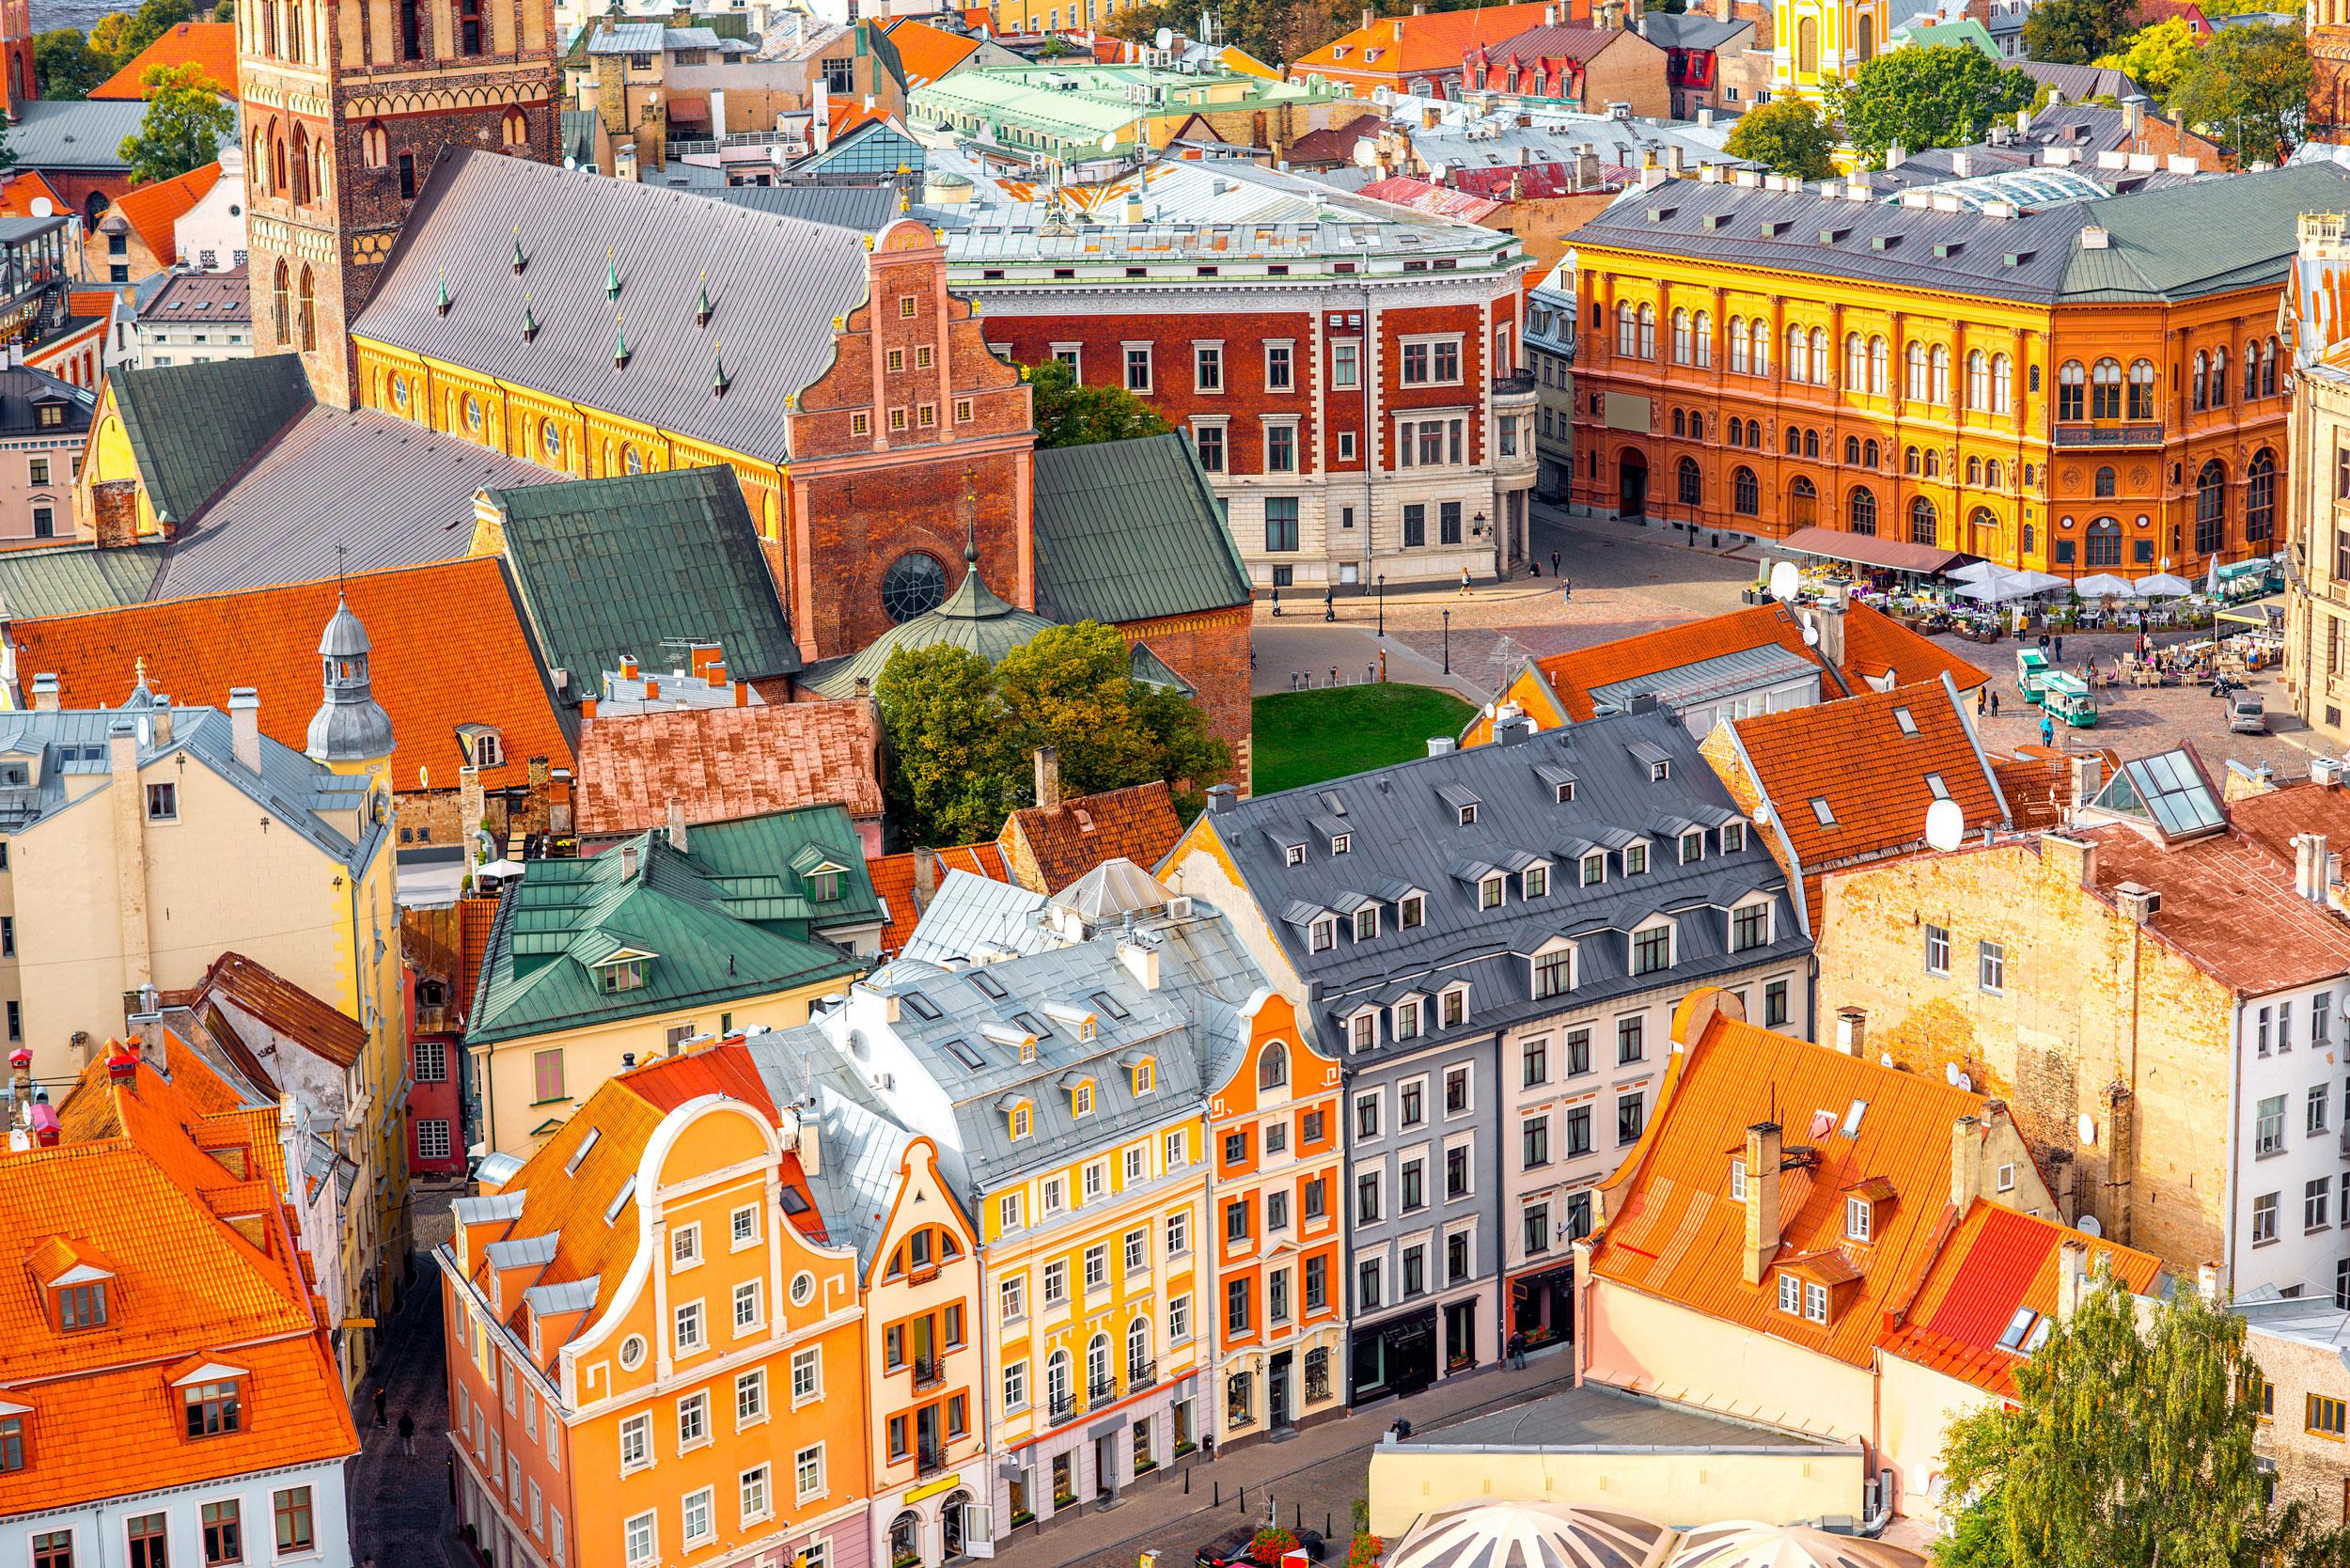 Kiehtovat vanhat kaupungit